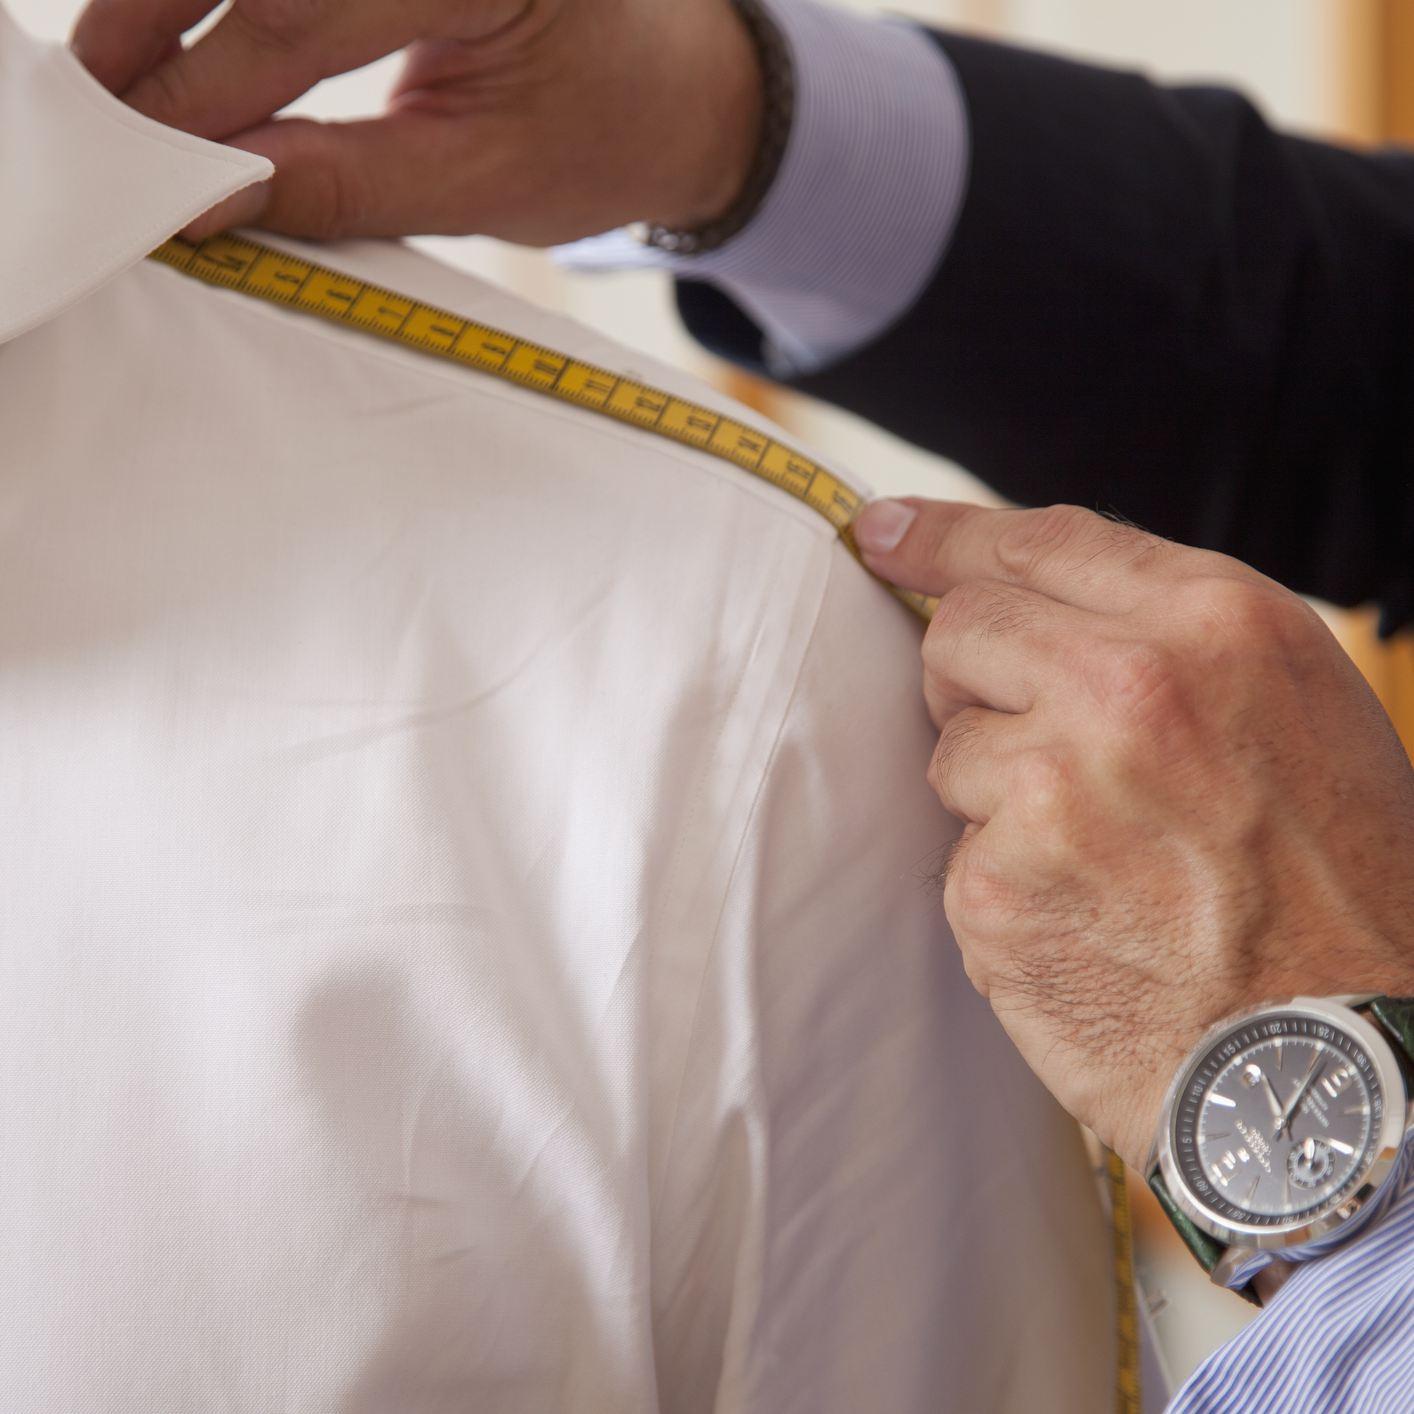 Tailor measuring shoulder